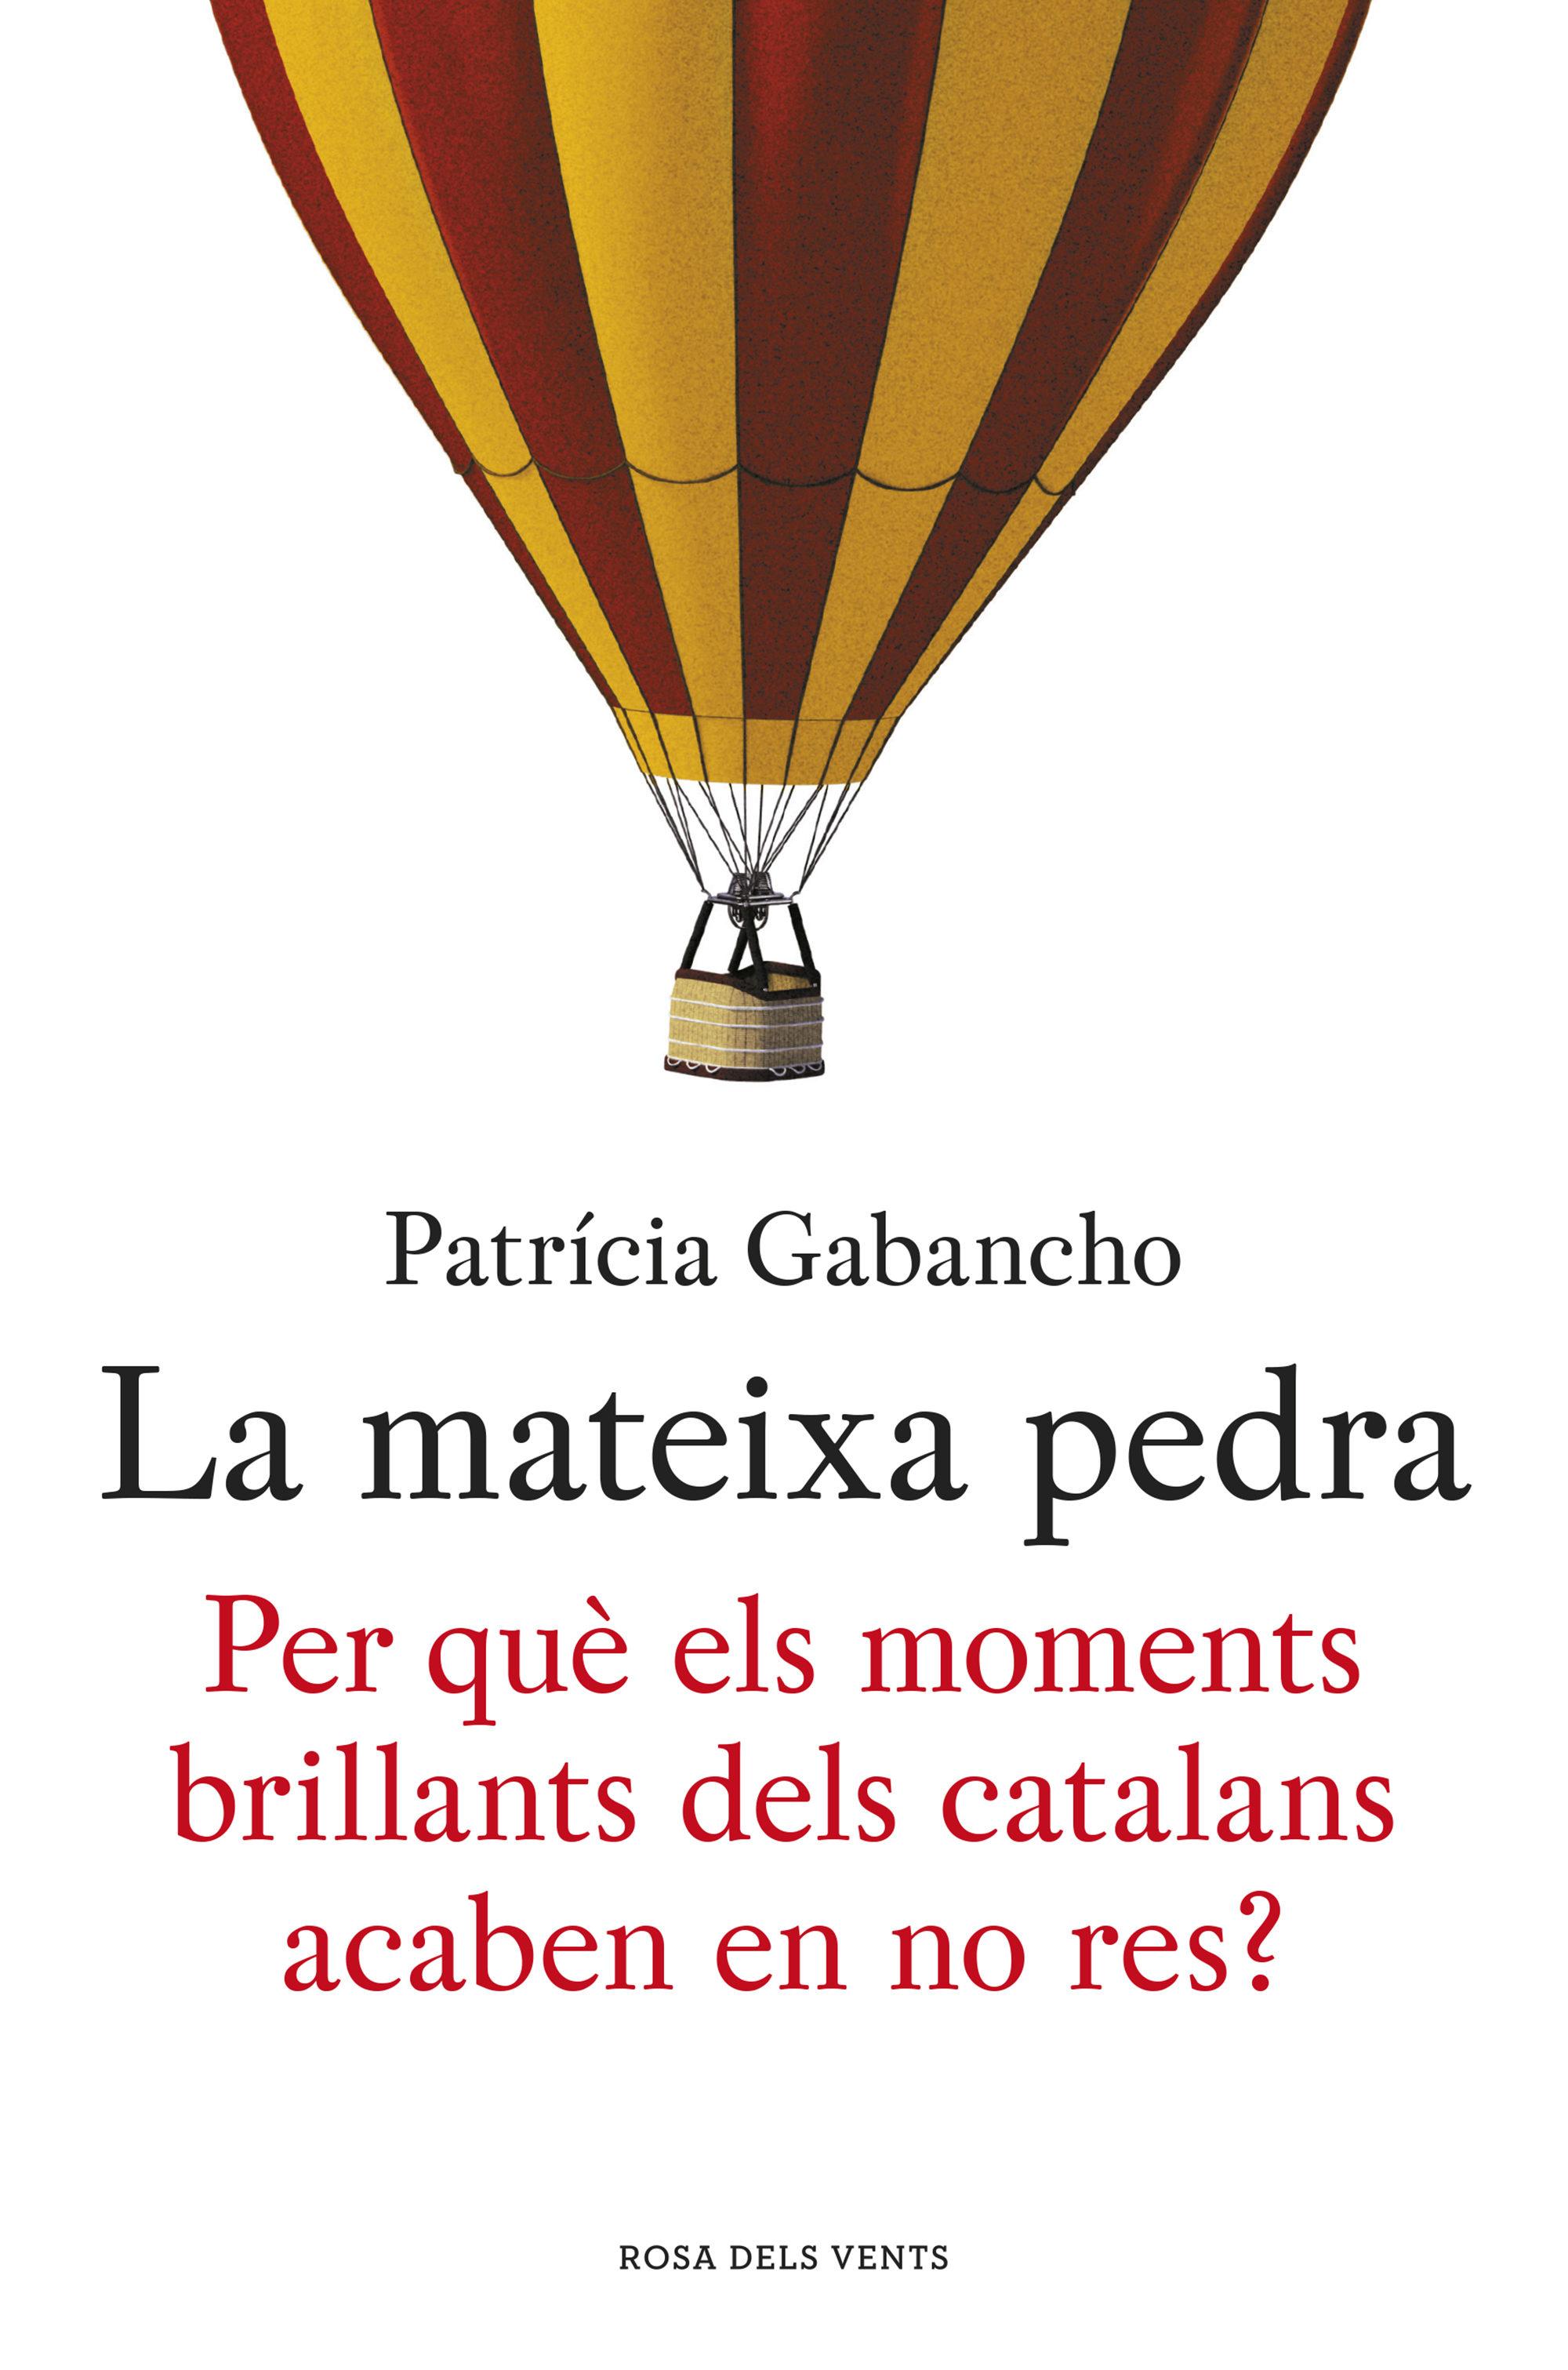 La mateixa pedra: Per què els moments brillants dels catalans acaben en no res?